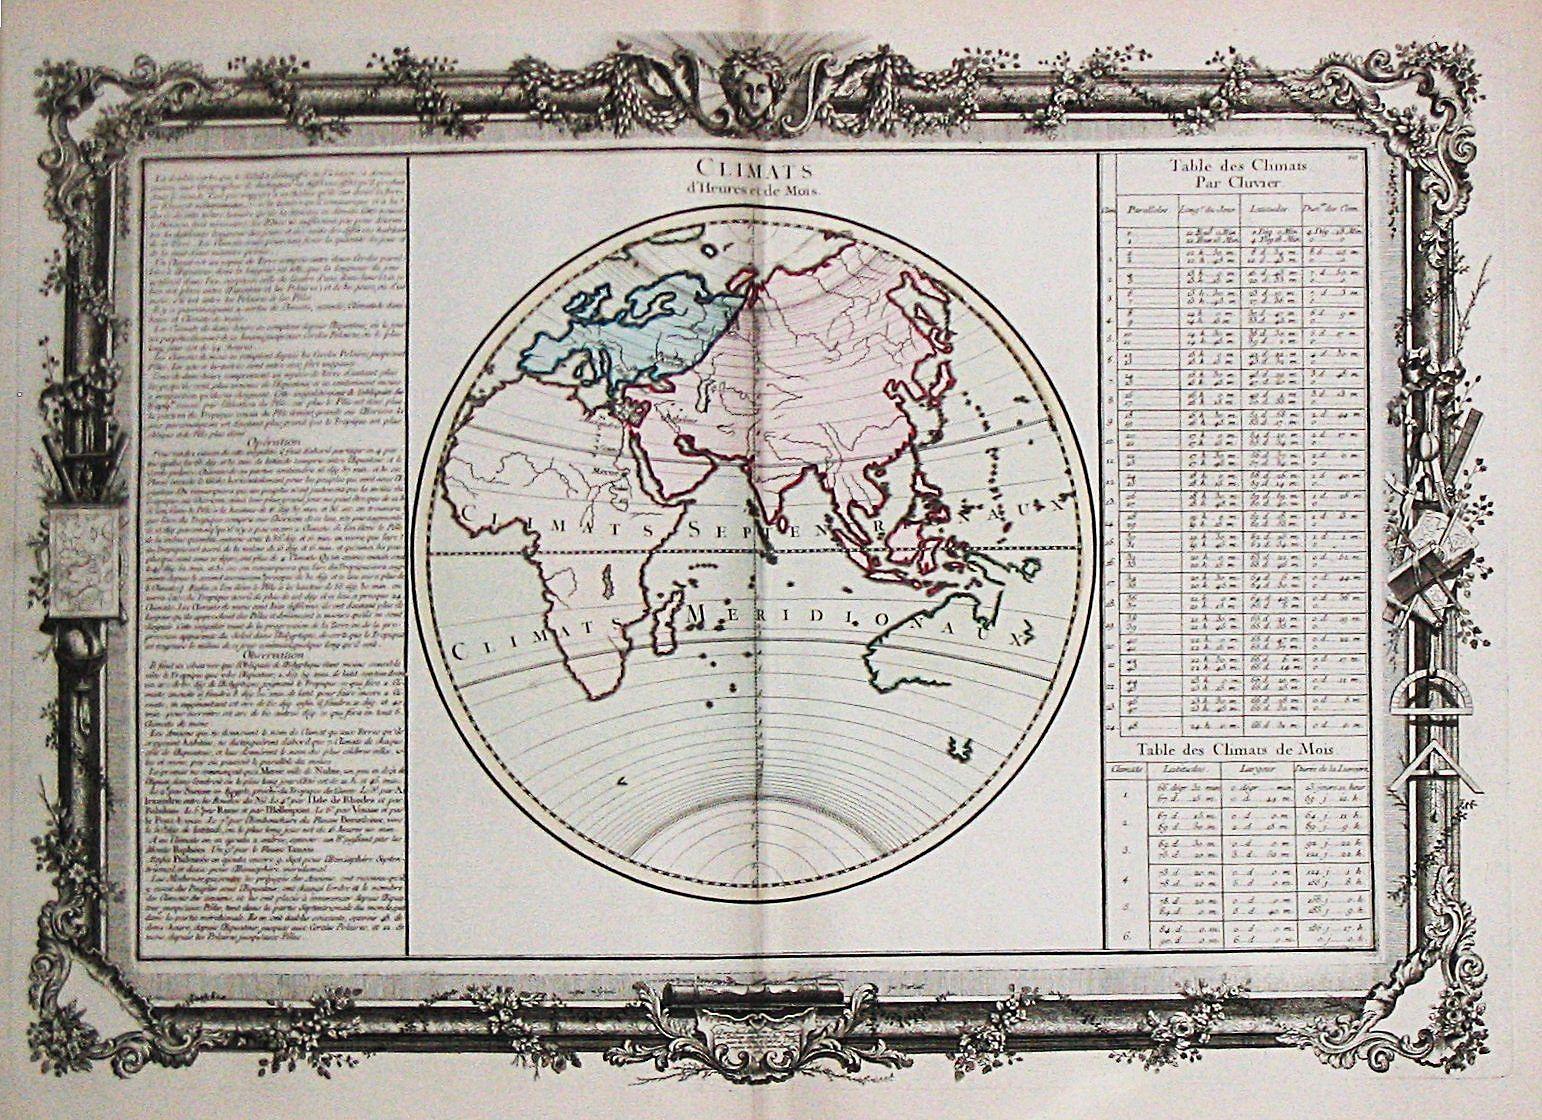 Claude Buy de Mornas. - Antique map depicting the world] Climats d'Heures et de Mois.